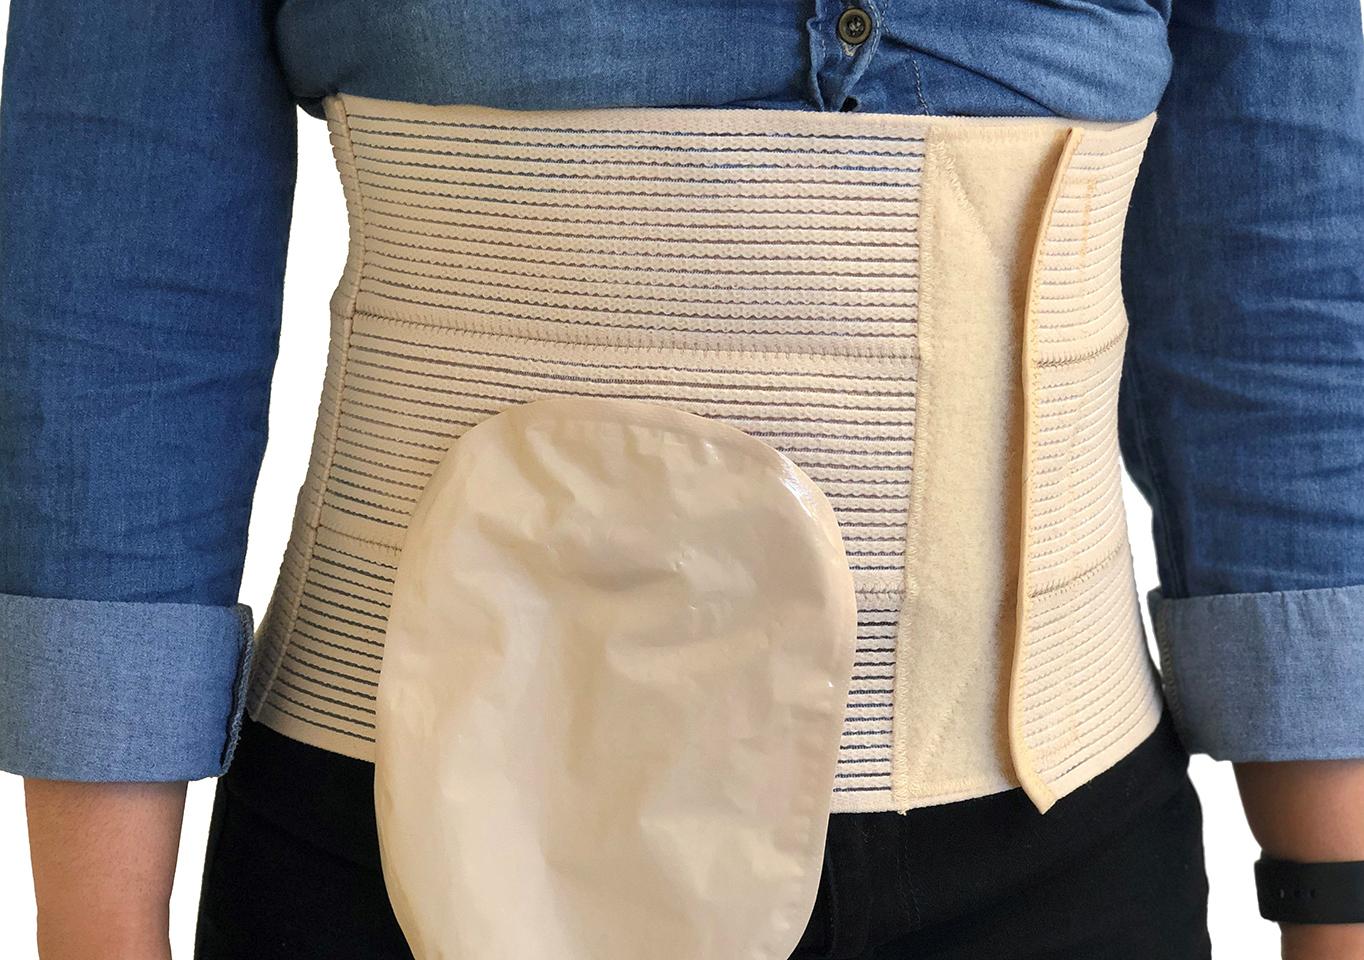 ostomy-safety-bag